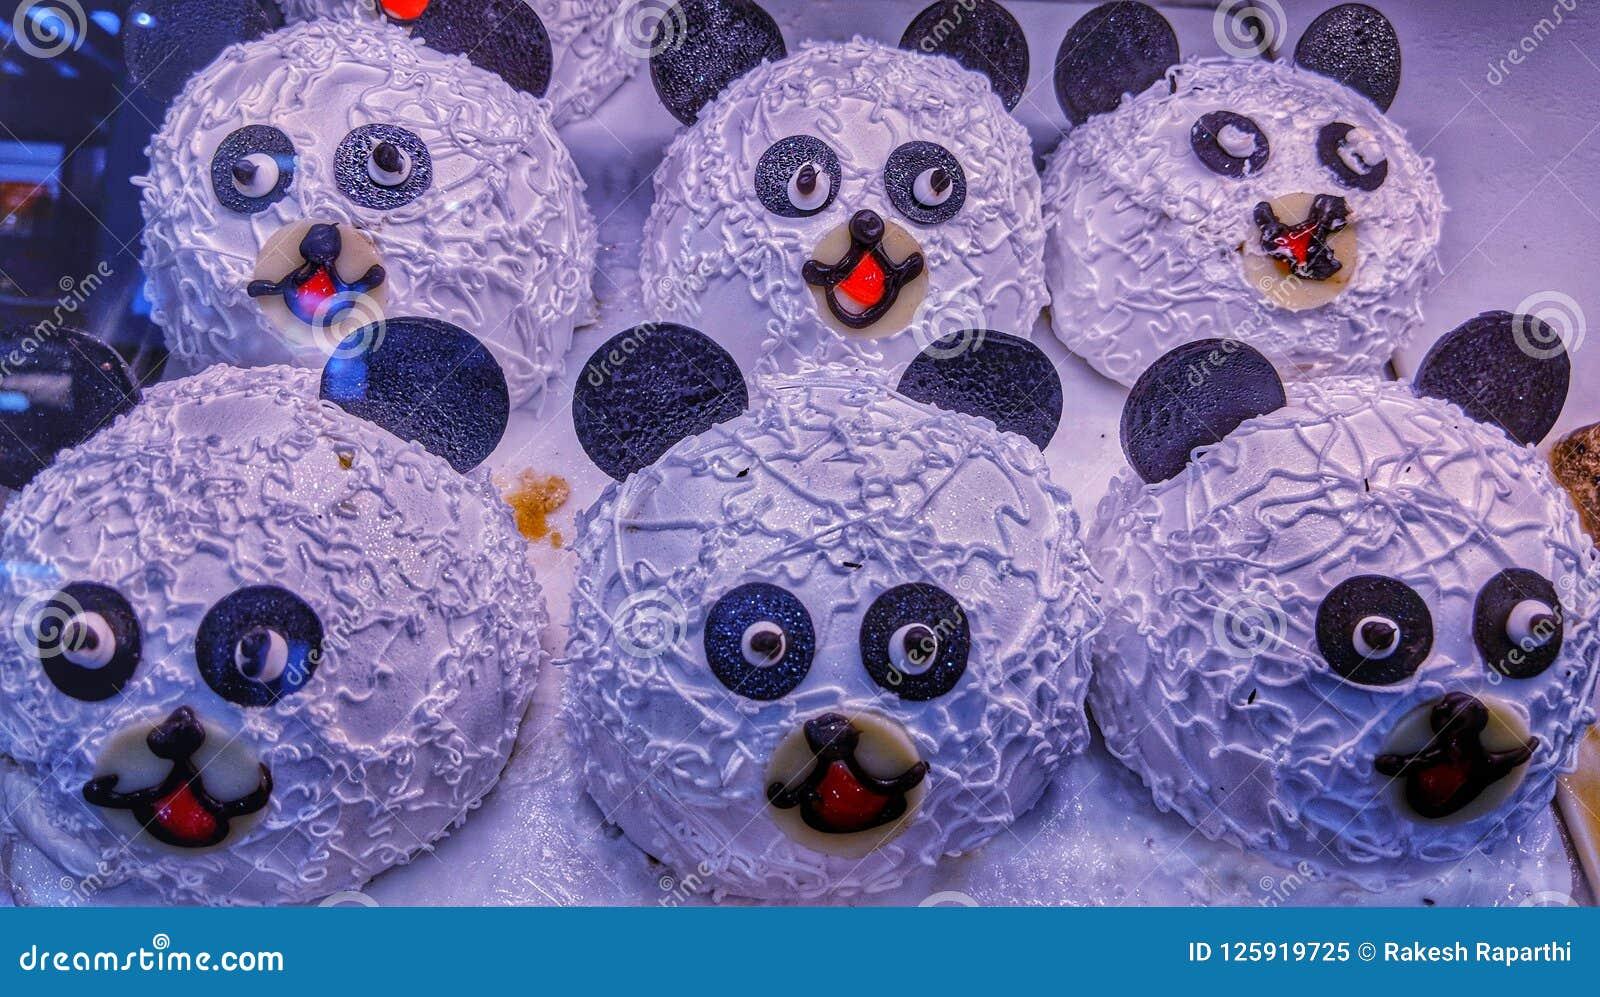 De reuzeplakken van de pandacake